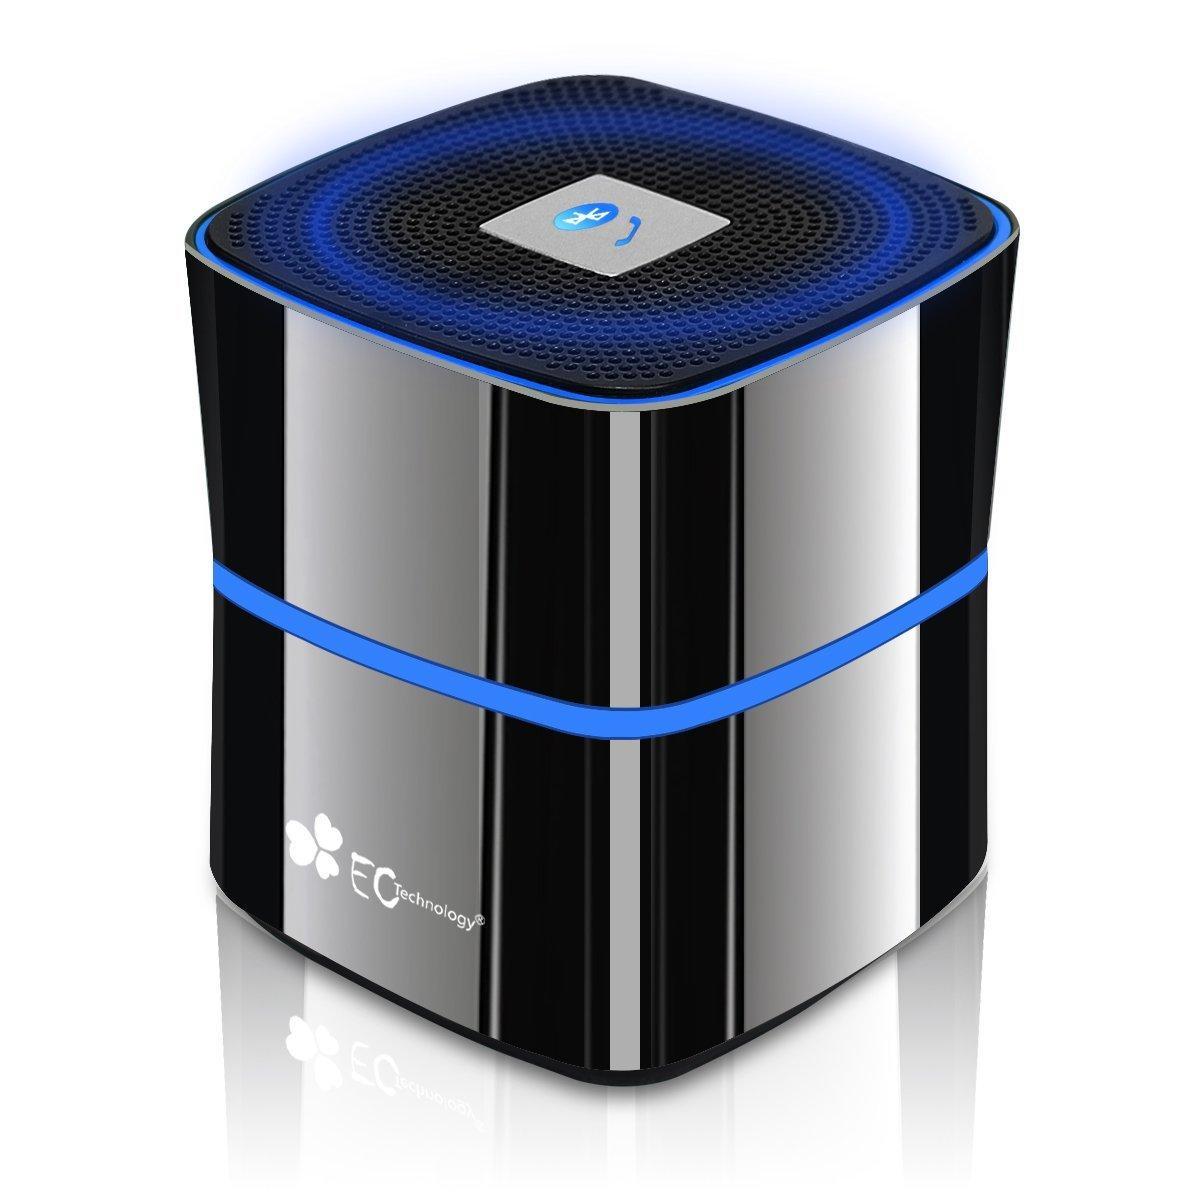 Enceinte Portable Bluetooth EC Technology S10-BT001 - avec haut-parleur BASS